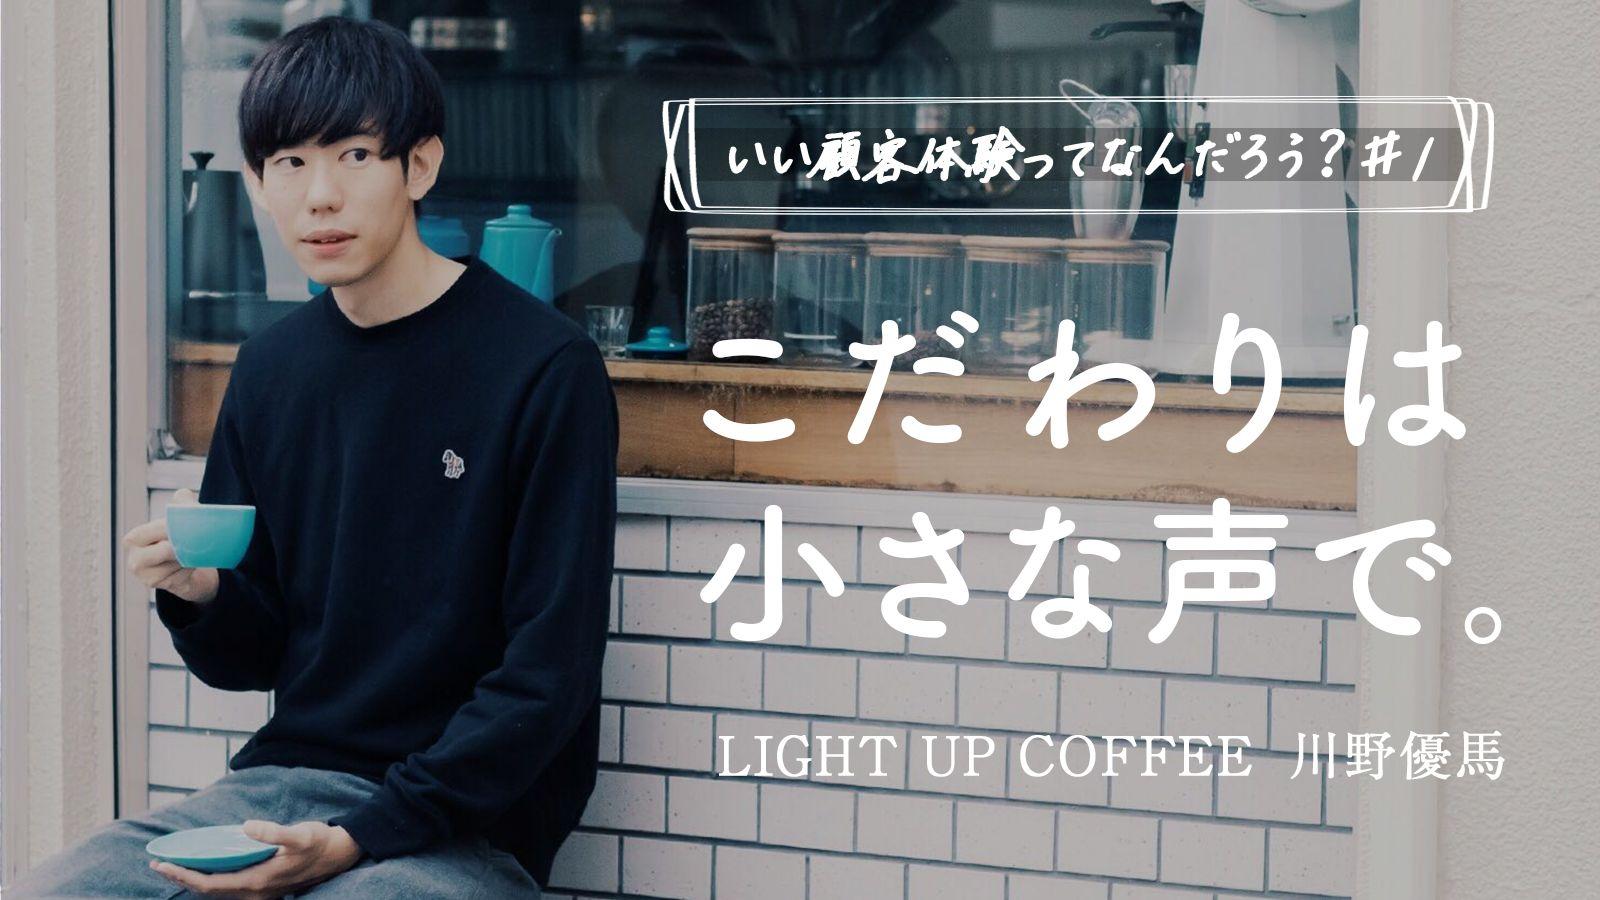 僕はコーヒーが苦手だった。LIGHT UP COFFEE がつくる、「知らないを知る」楽しさ